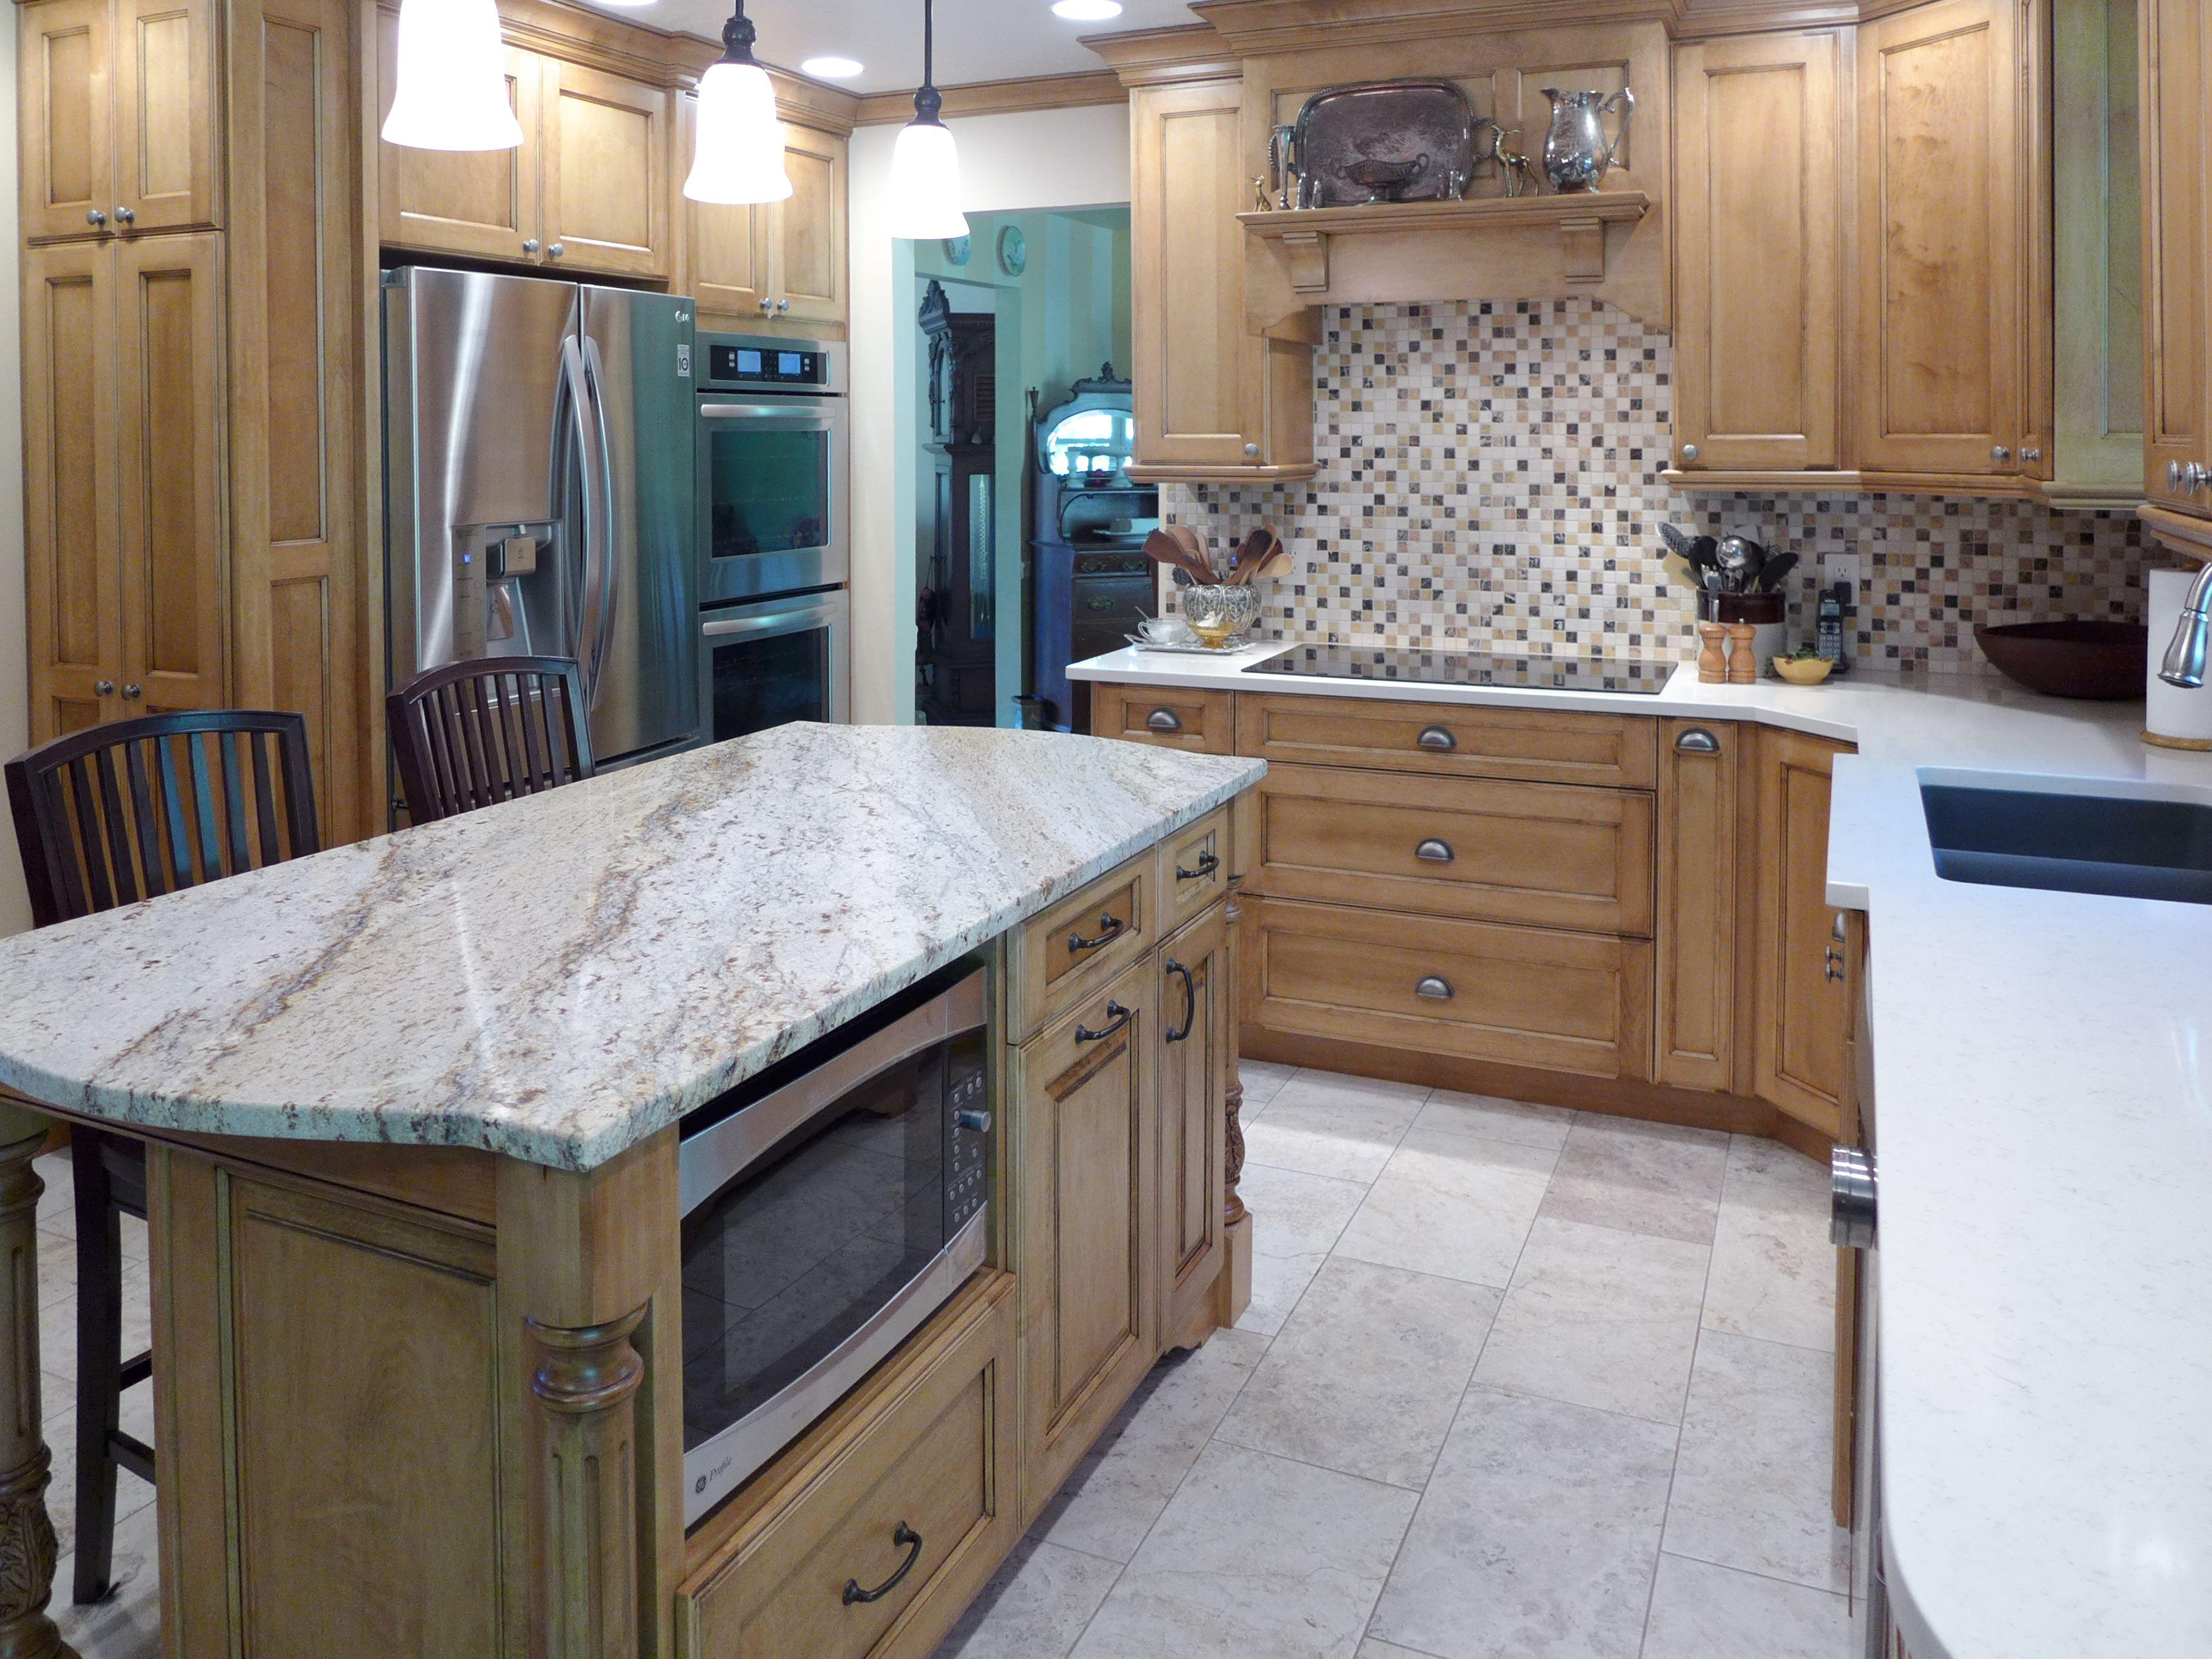 kitchen remodel vortium silestone quartz countertop with a granite island quartz kitchen on kitchen island ideas white quartz id=43107